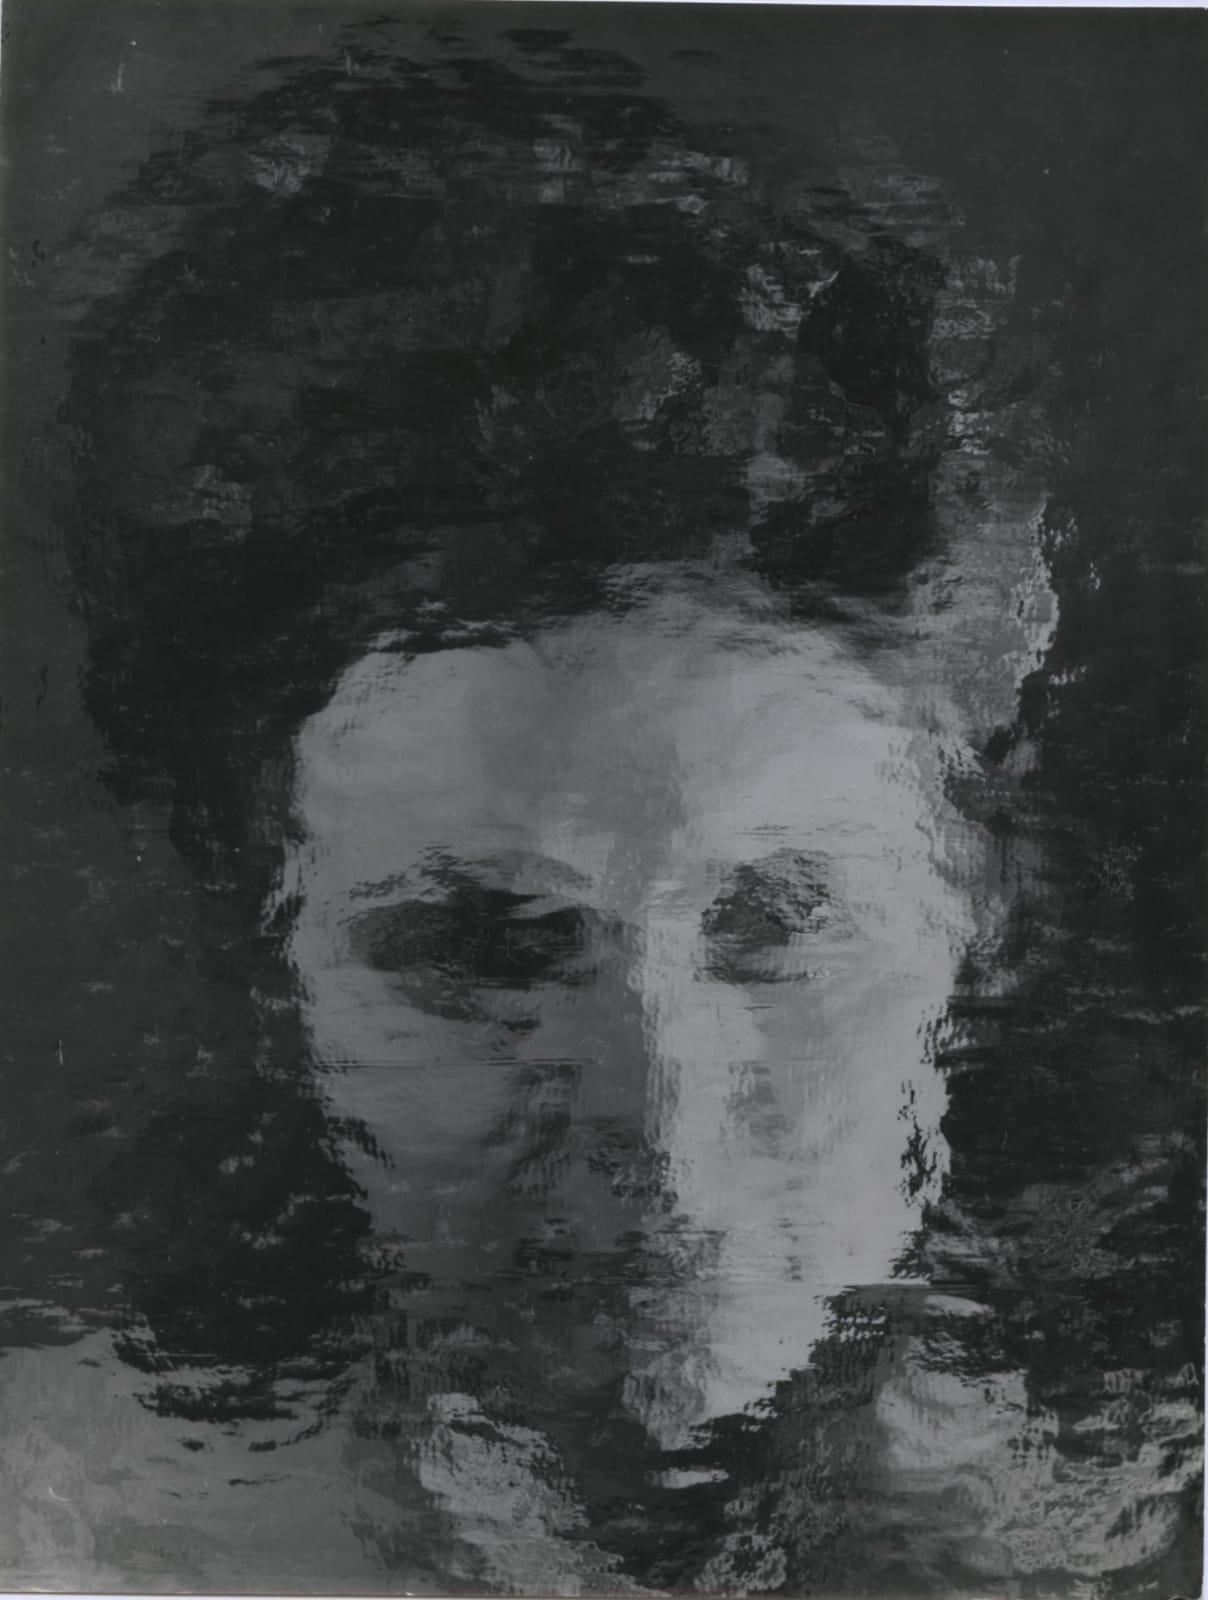 André Steiner Sans titre Tirage gélatino-argentique d'époque 23,8 x 18,1 cm Dim. papier: 23,8 x 18,1 cm